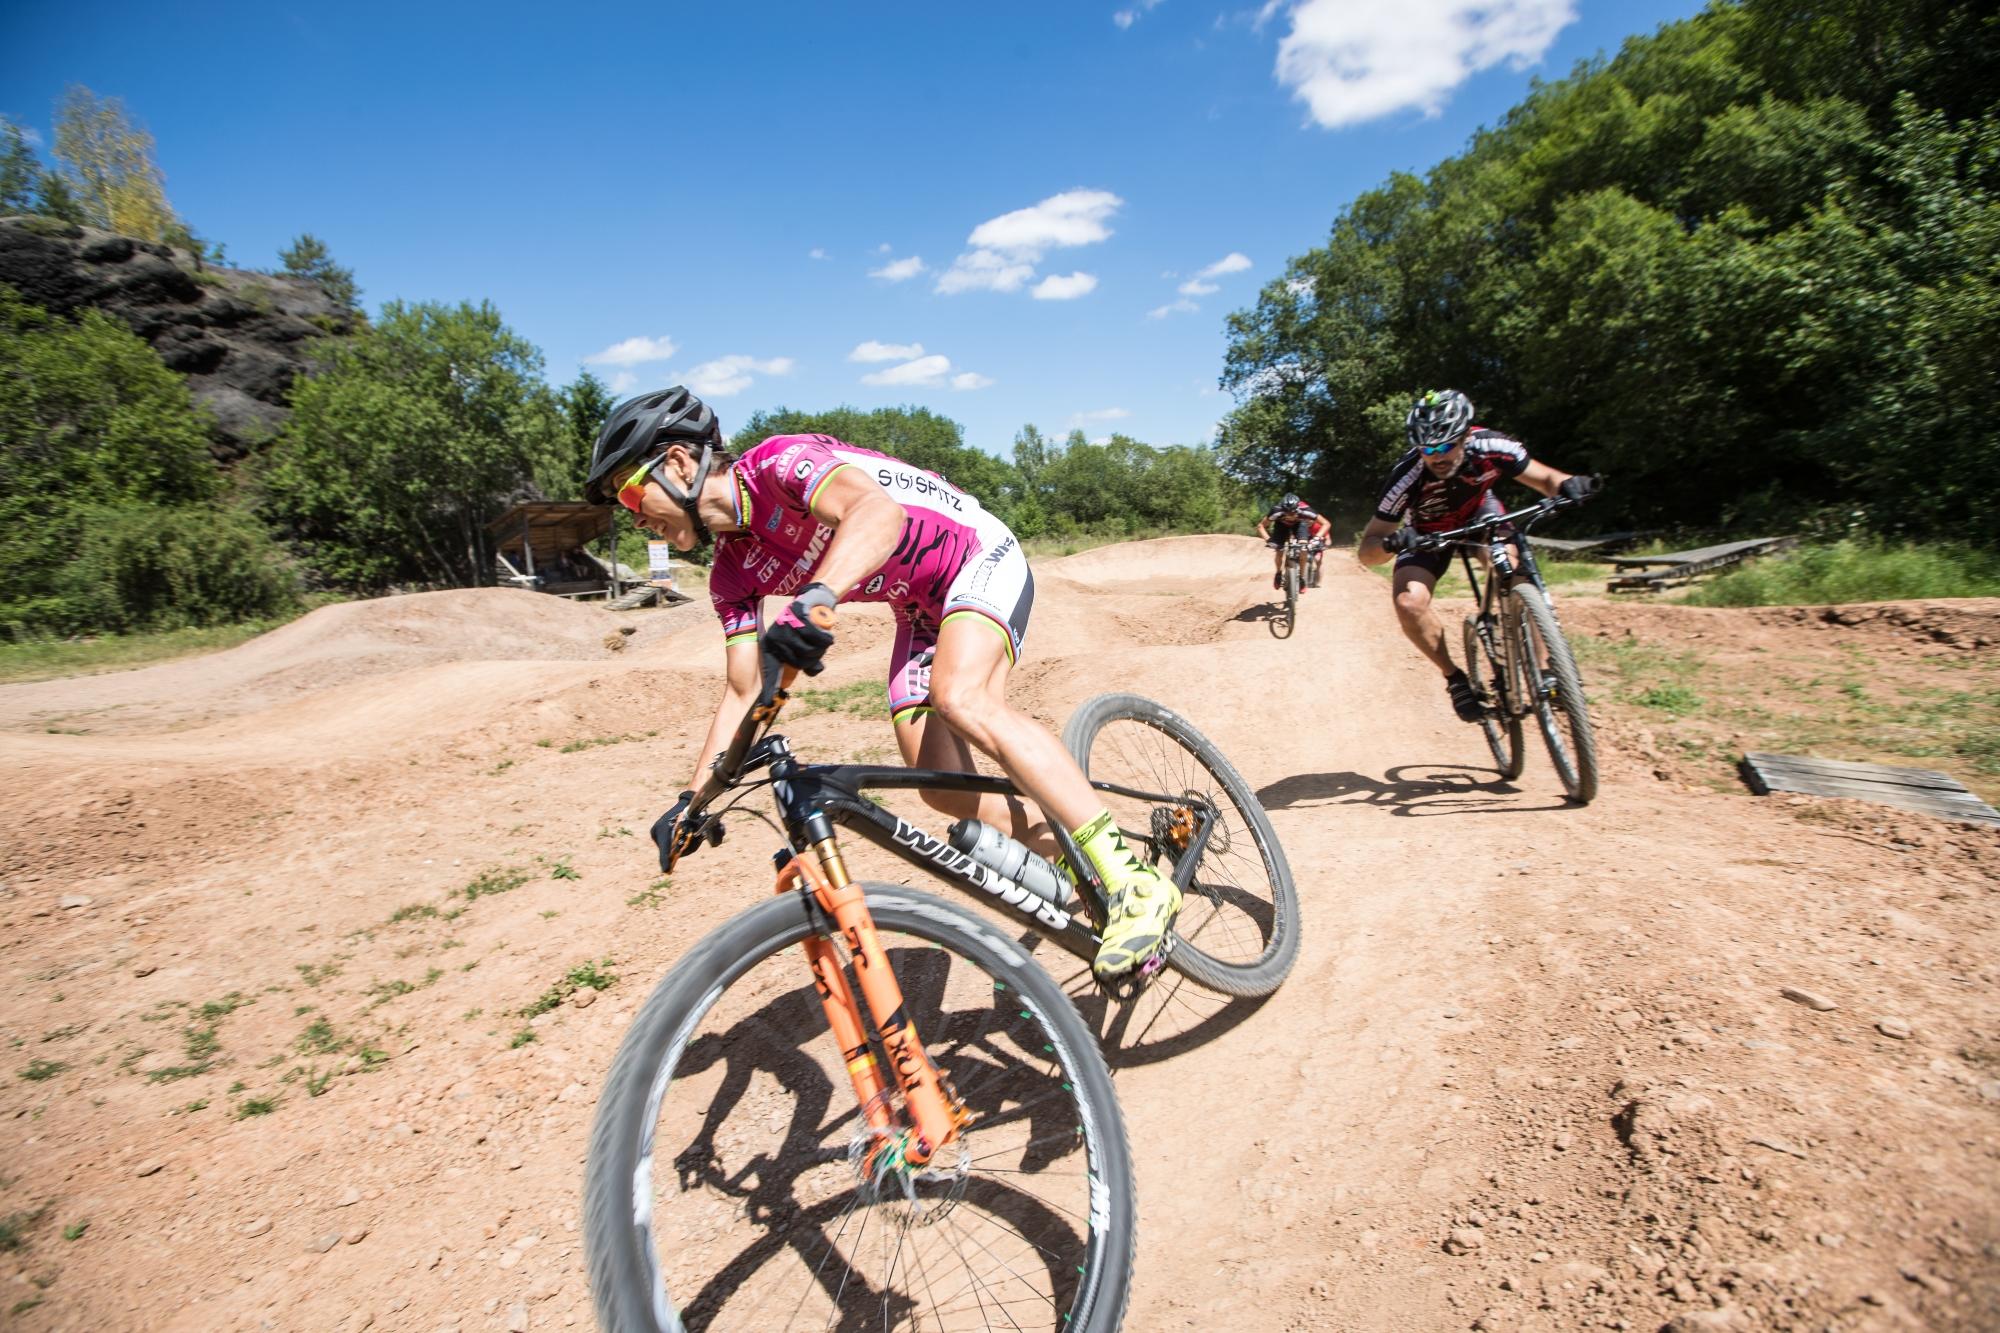 Mountainbiker auf der Piste